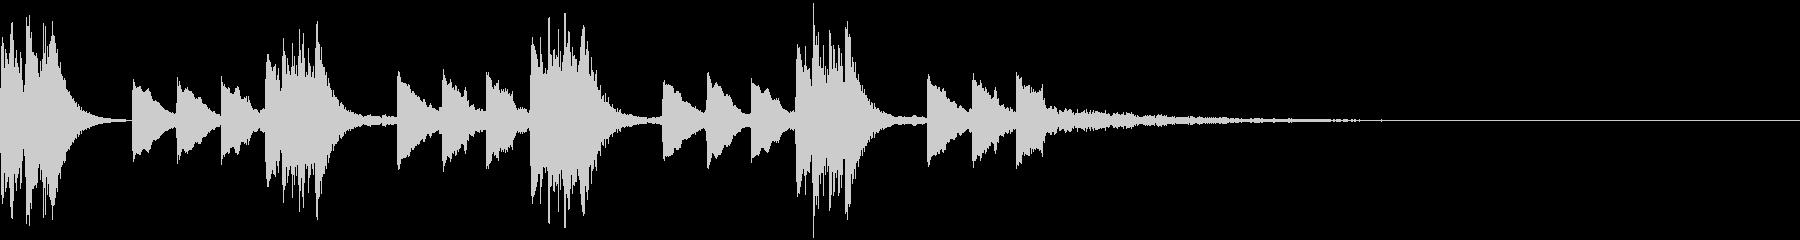 綺麗で印象的な着信音5の未再生の波形